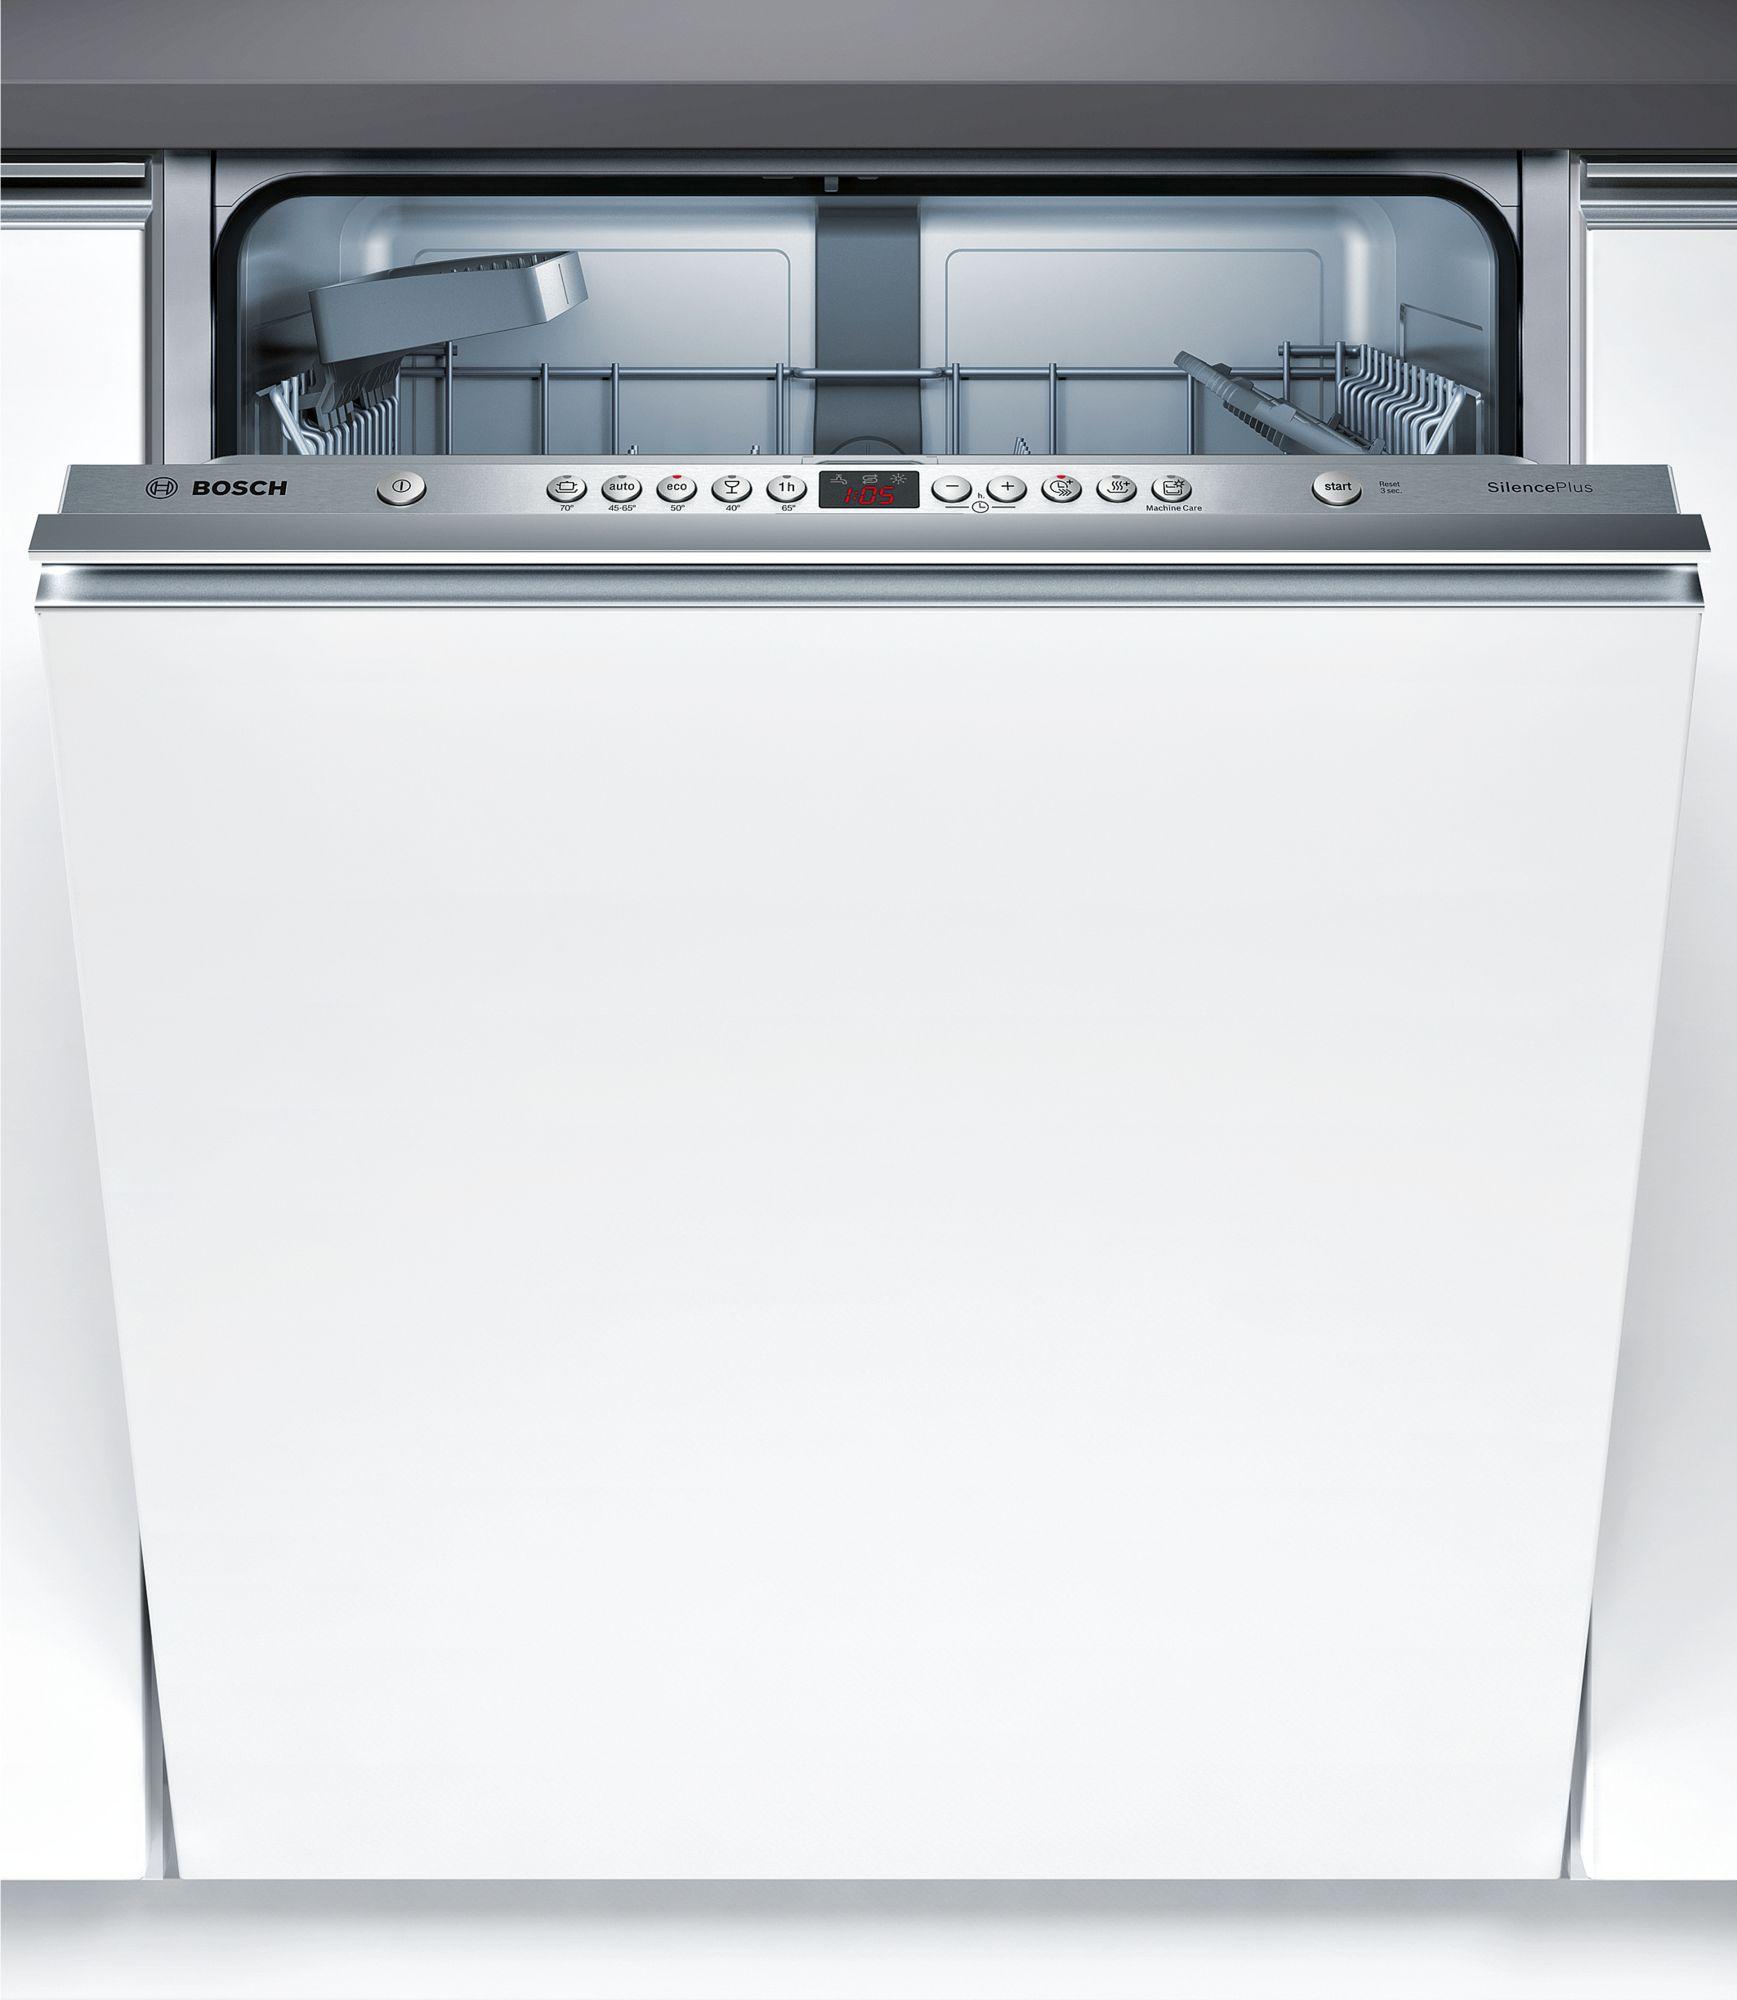 Beste Bosch Geschirrspuler Test Testberichte De